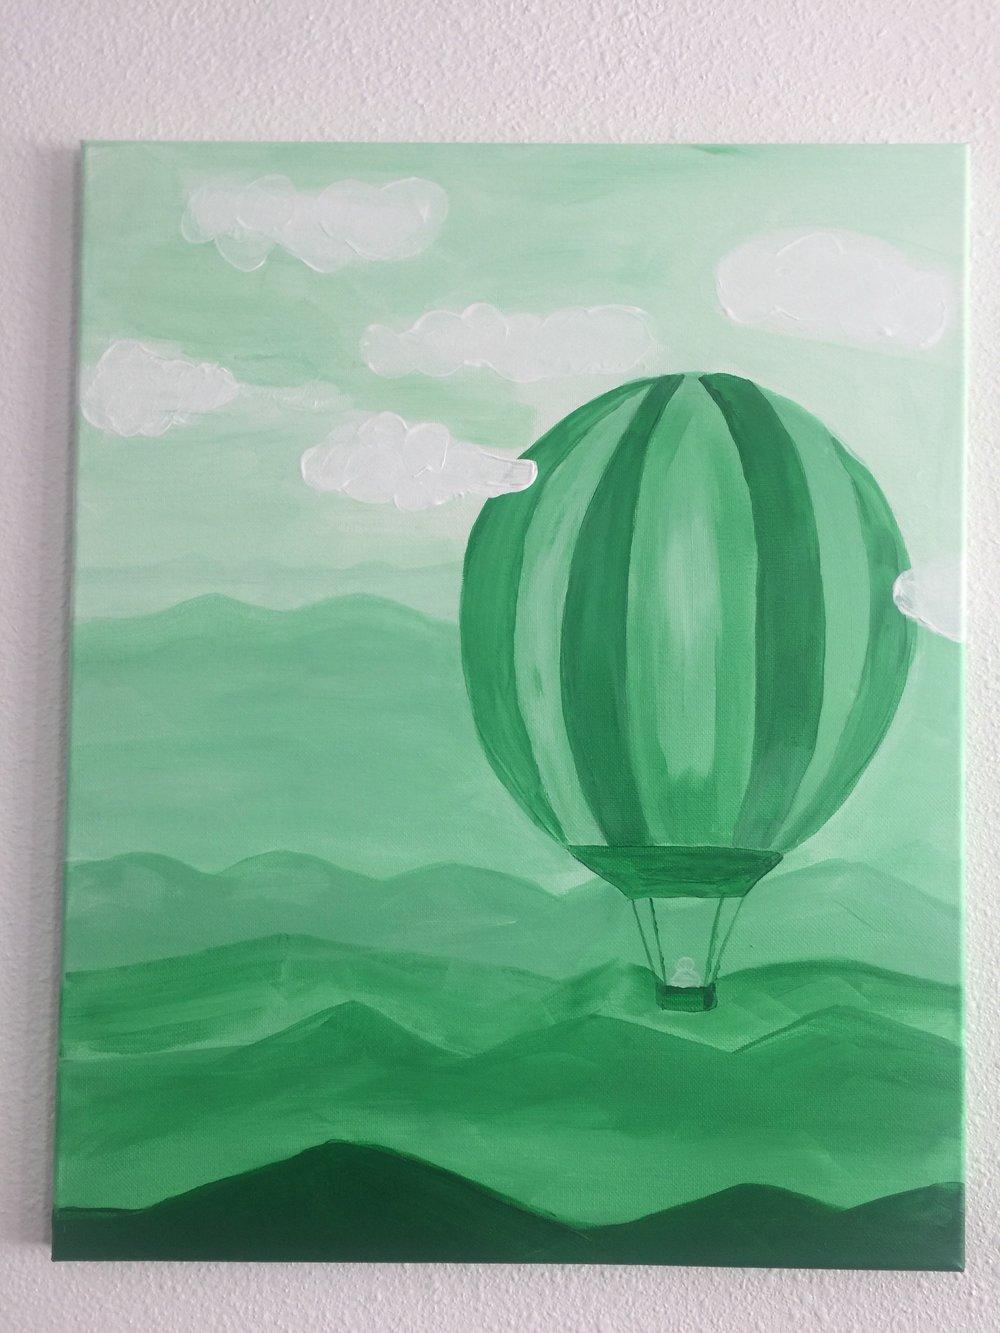 Hot Air Balloon - 16 x 20